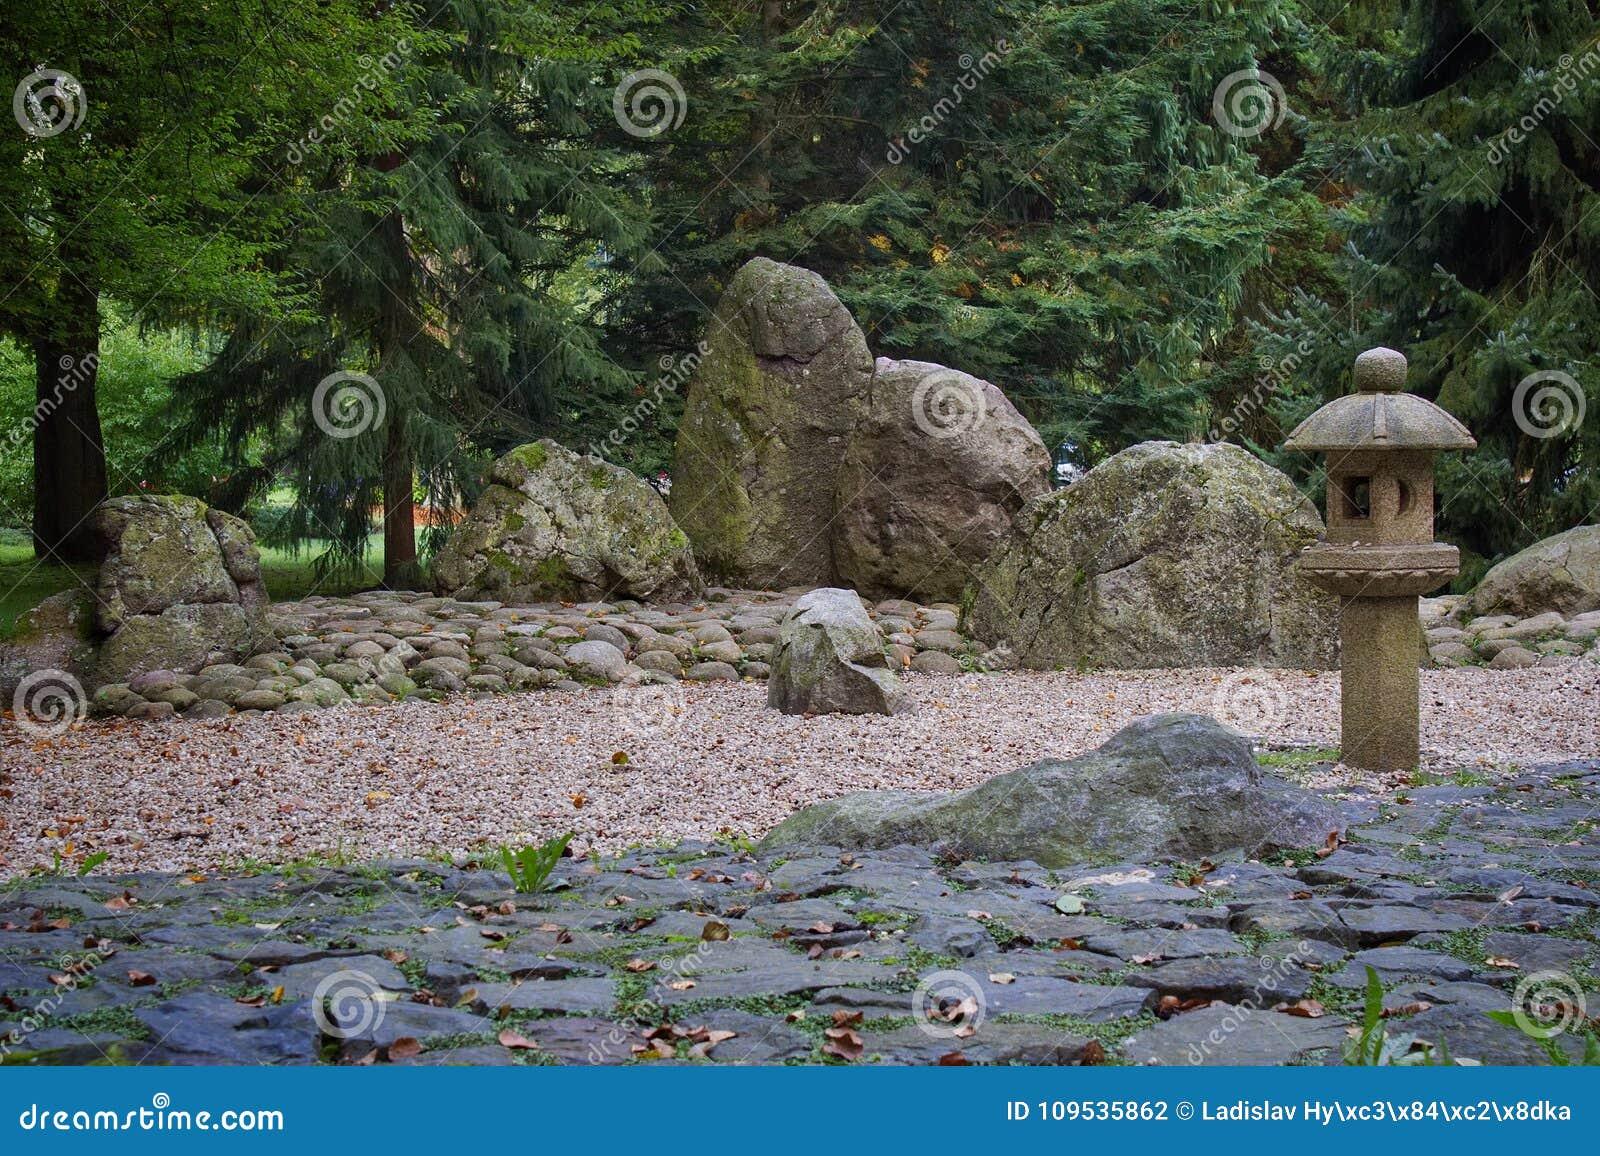 Japanischer Garten In Karlovy Vary Stockfoto - Bild von szene ...